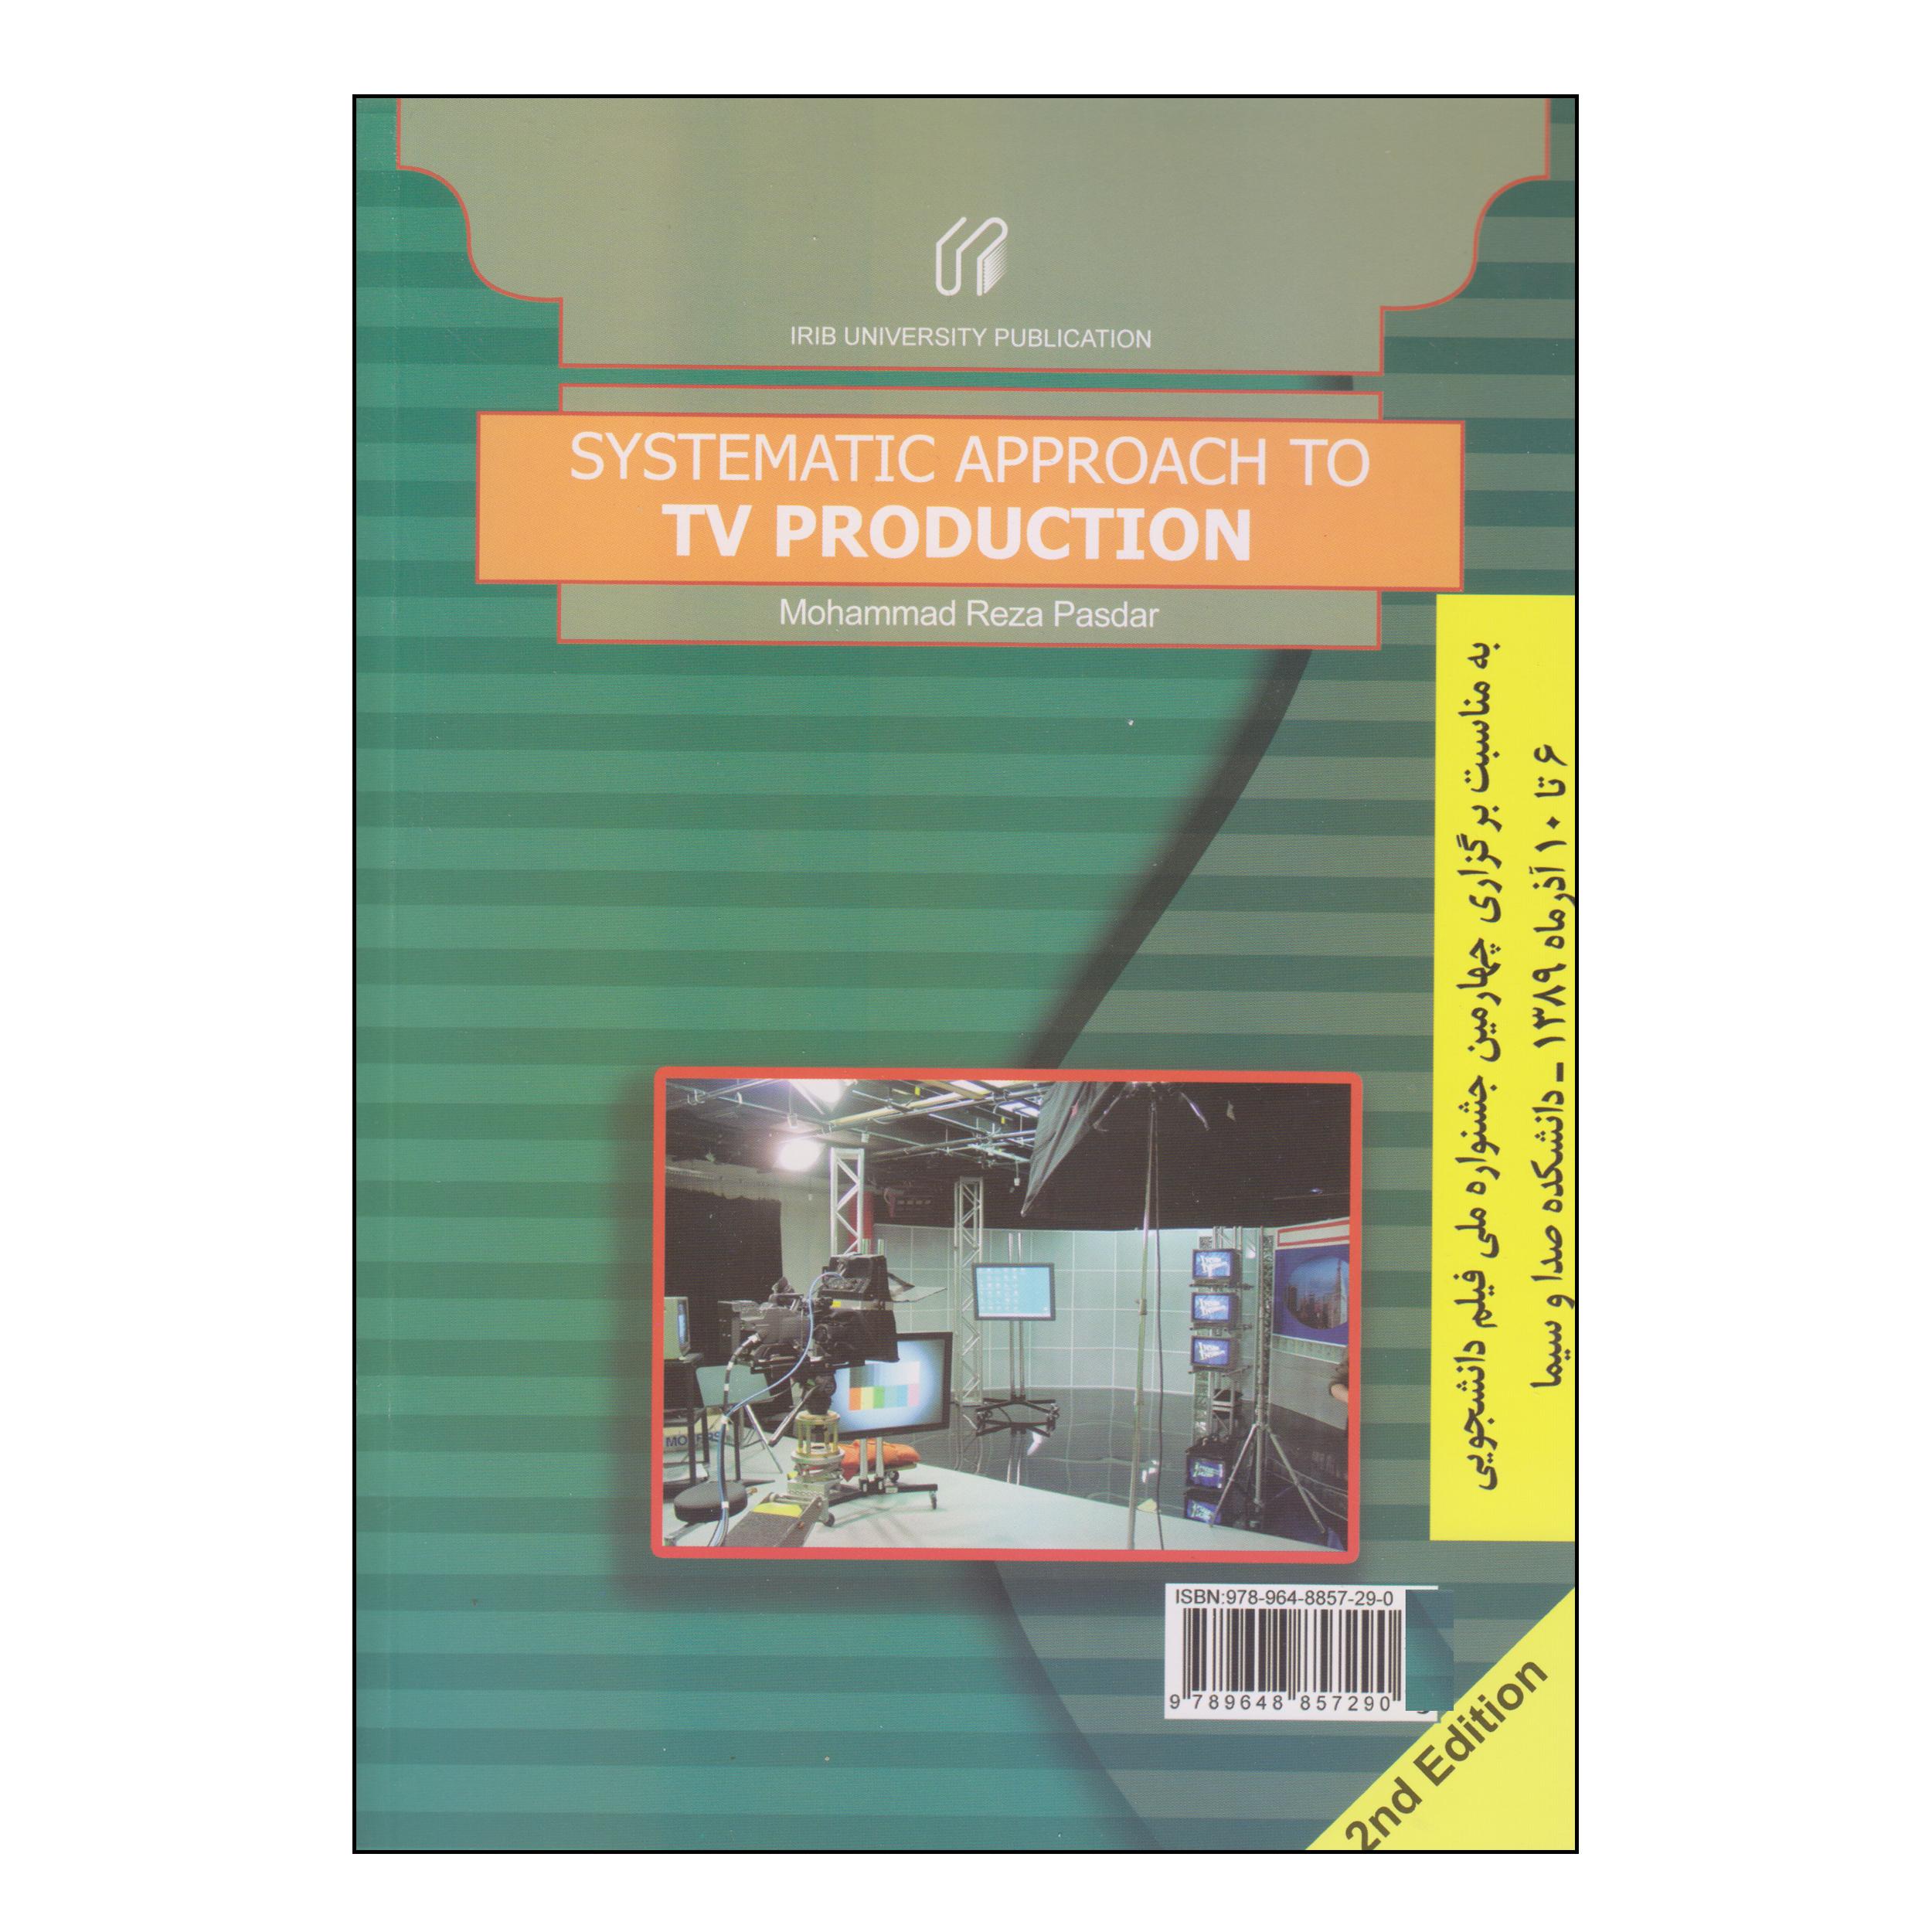 کتاب تهیه کنندگی برای تلویزیون با نگاه سیستمی اثر محمدرضا پاسدار انتشارات دانشکده صدا و سیما